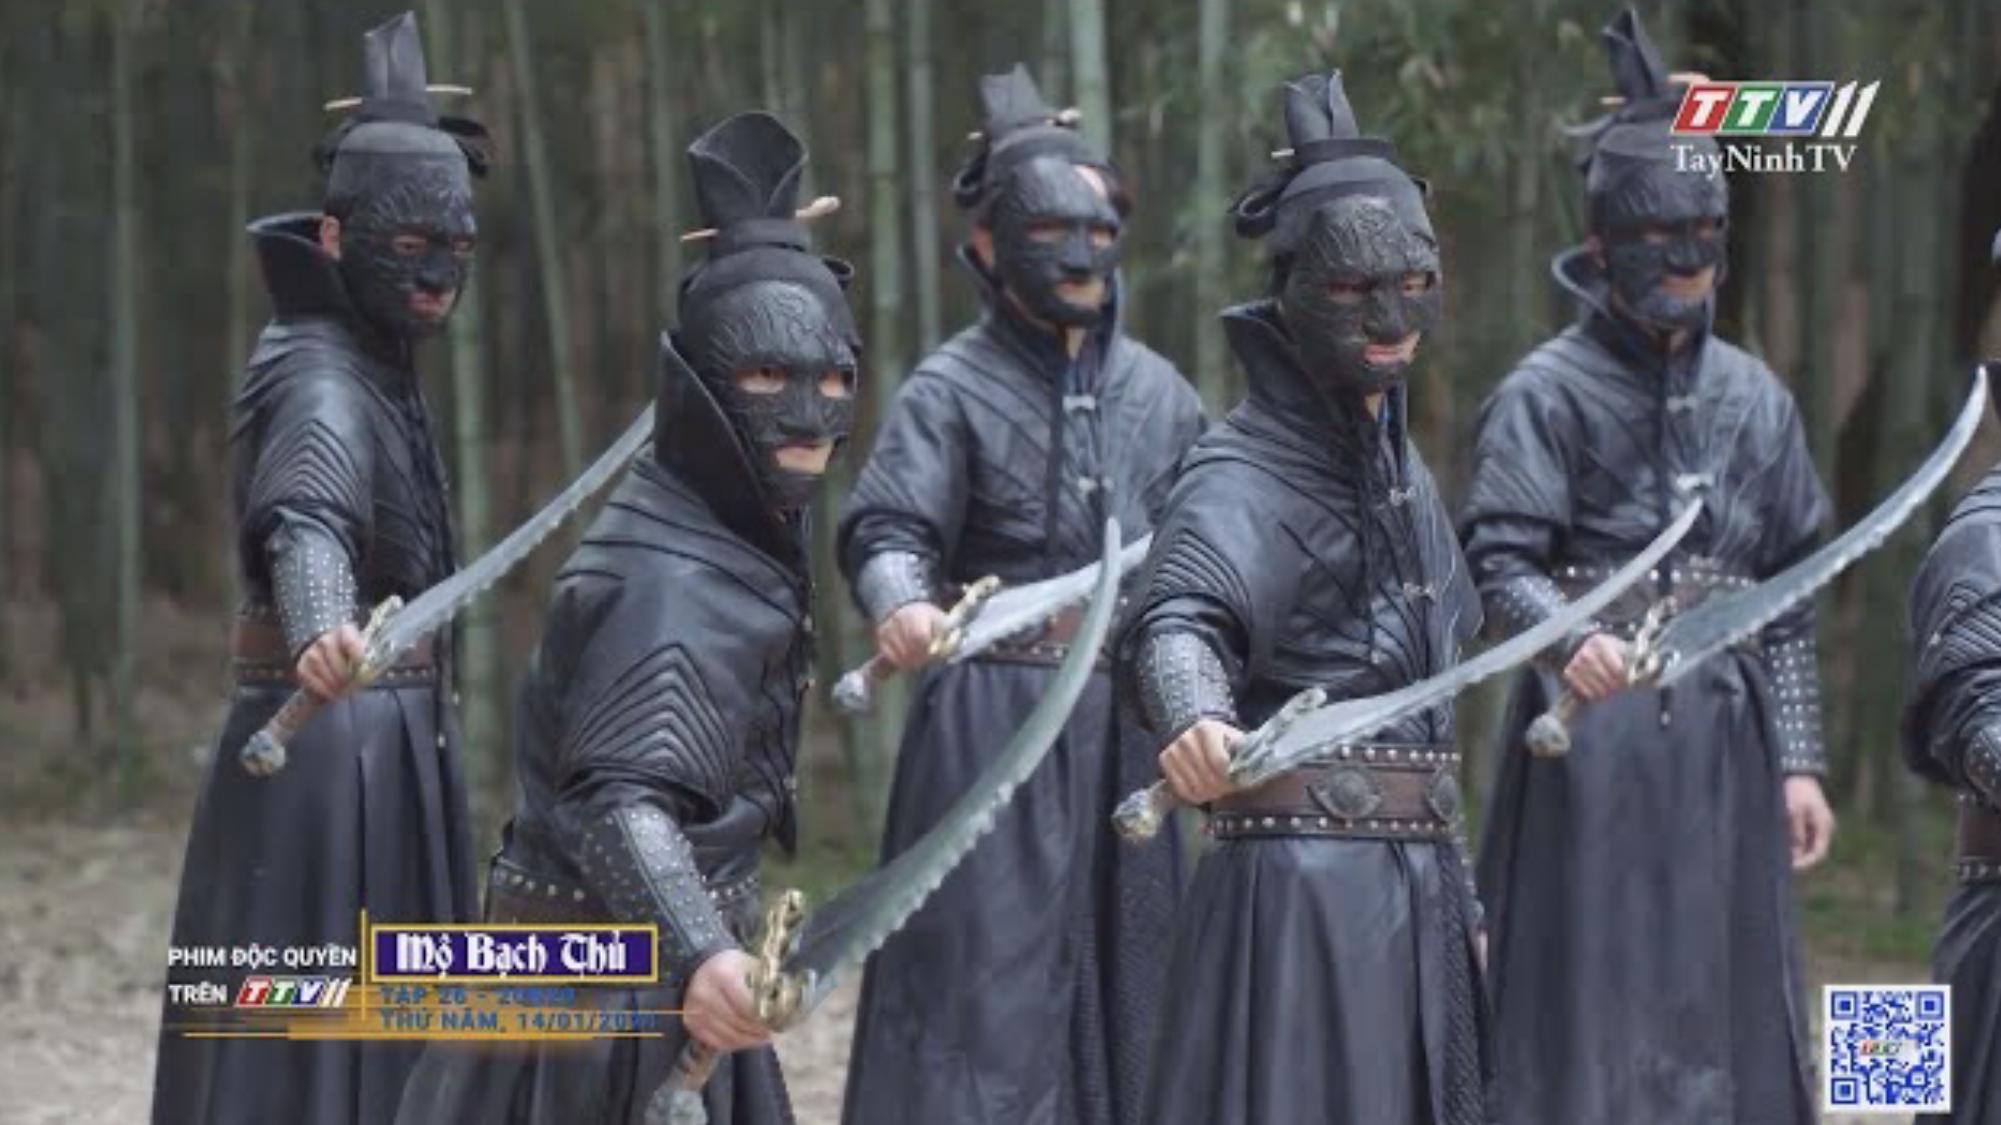 Mộ Bạch Thủ-TẬP 26 trailer | PHIM MỘ BẠCH THỦ | TayNinhTV